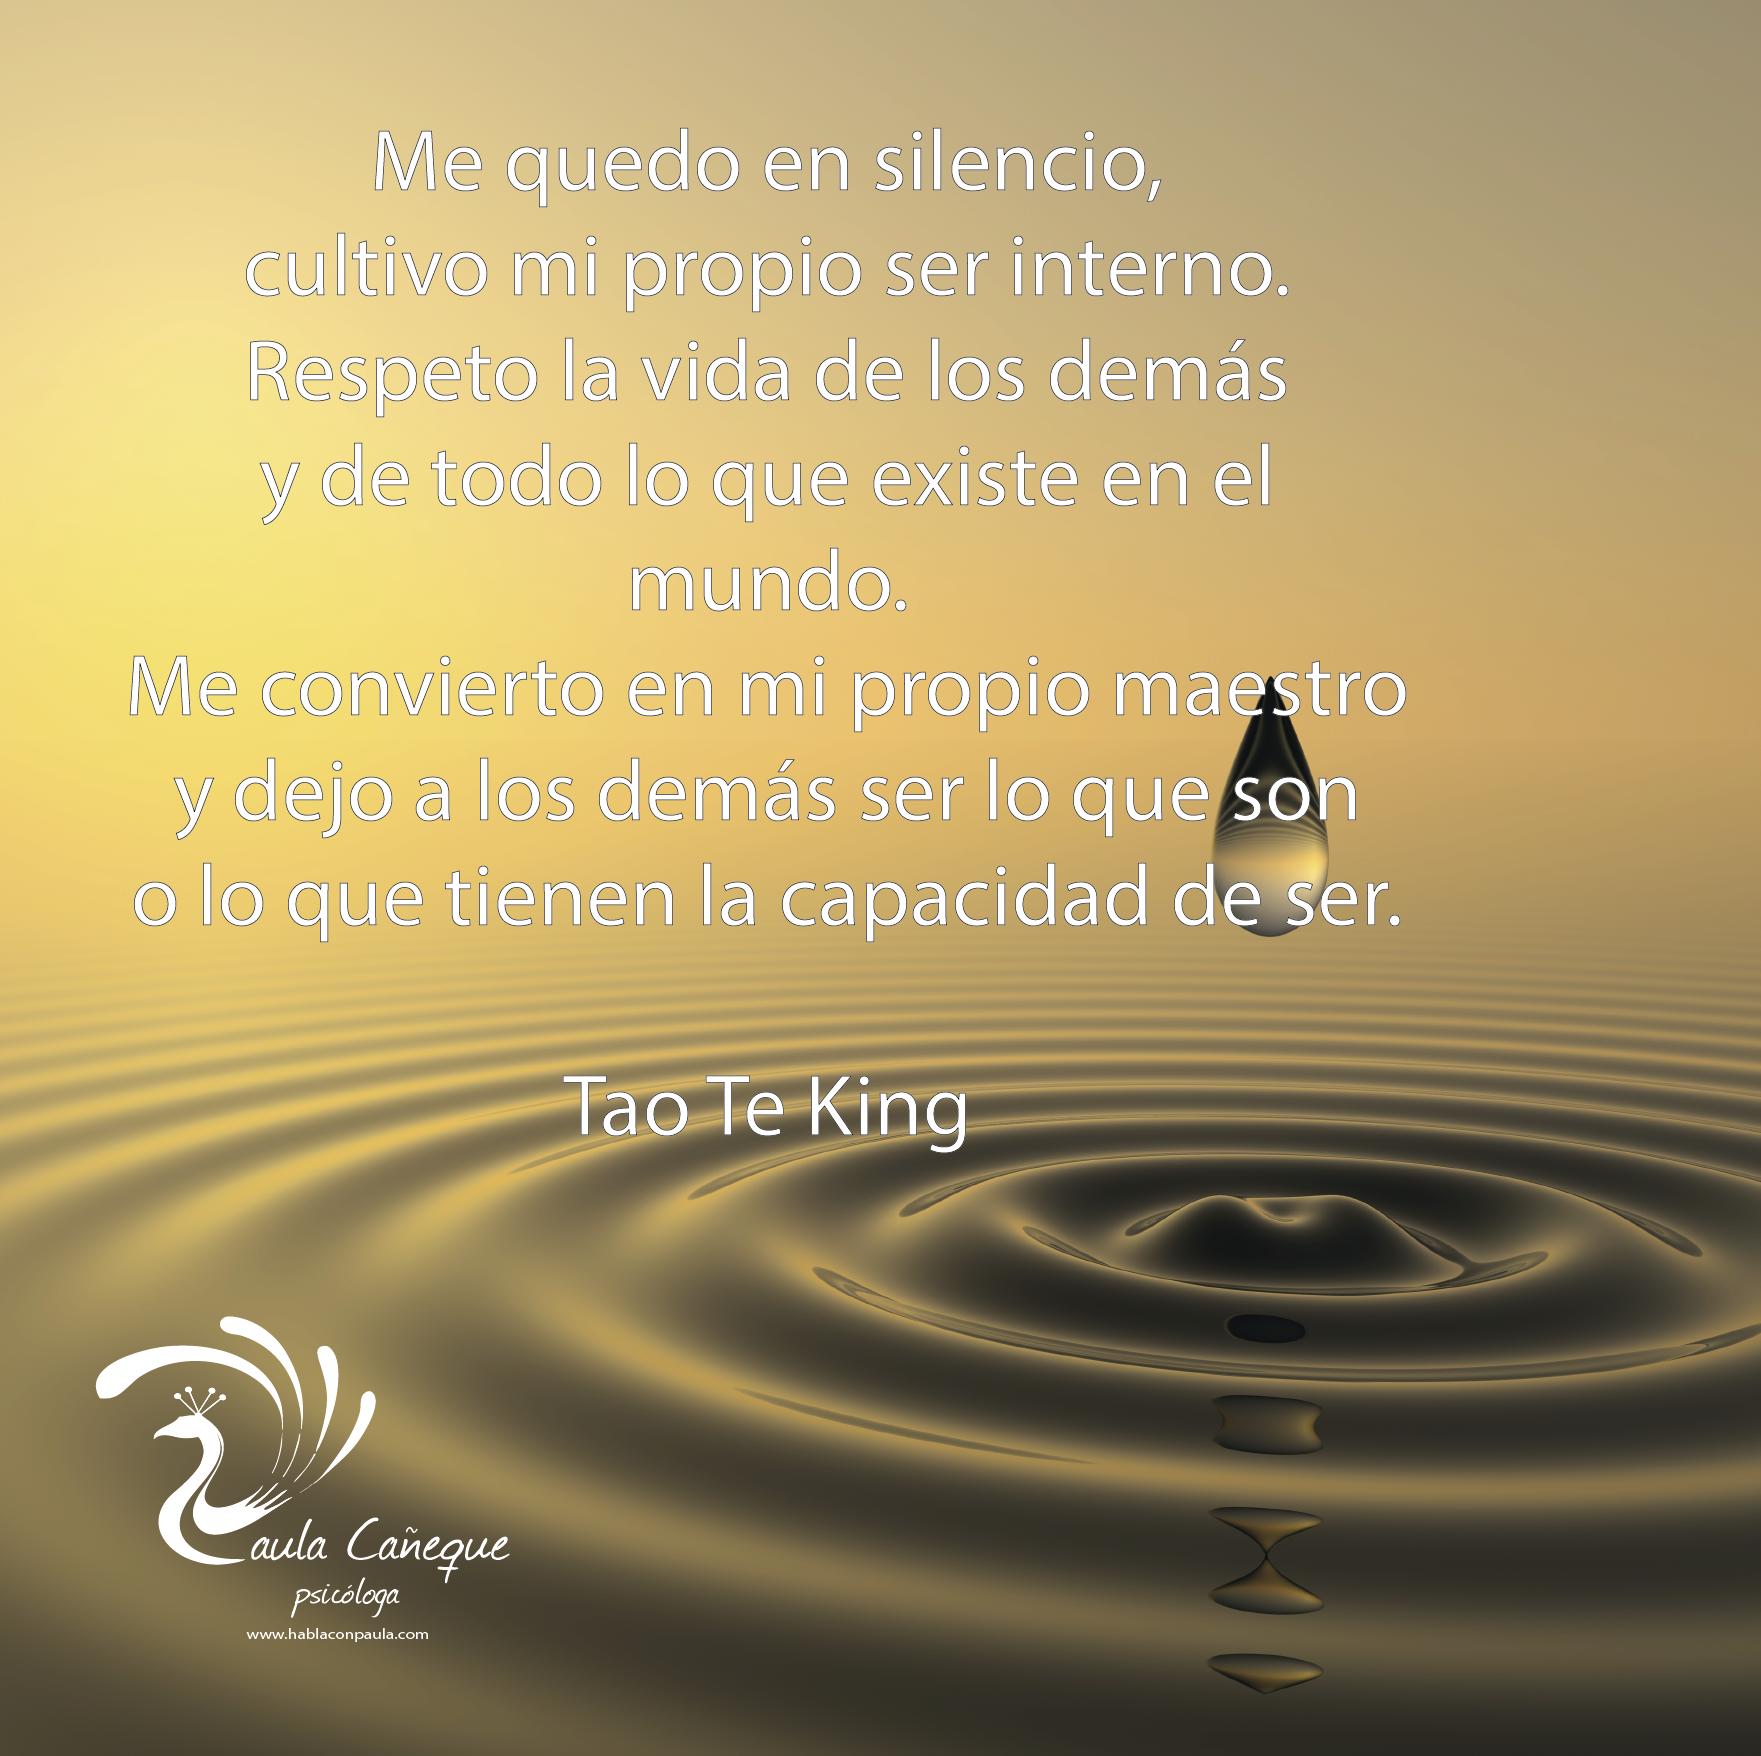 Tao Te King Tao Spirituality Best Quotes